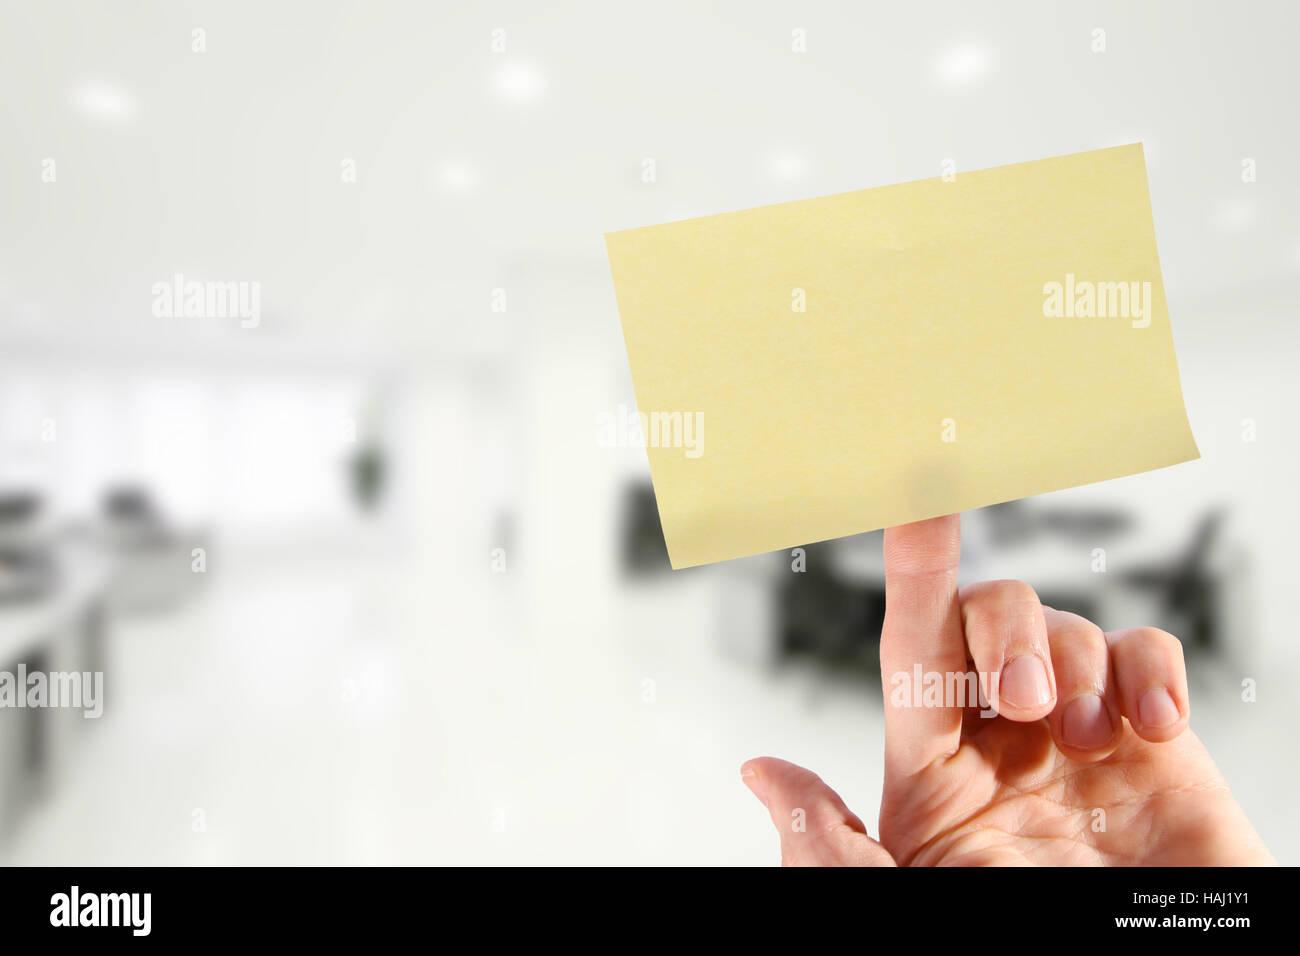 Mano con vuoto nota adesiva sul dito in ufficio Immagini Stock